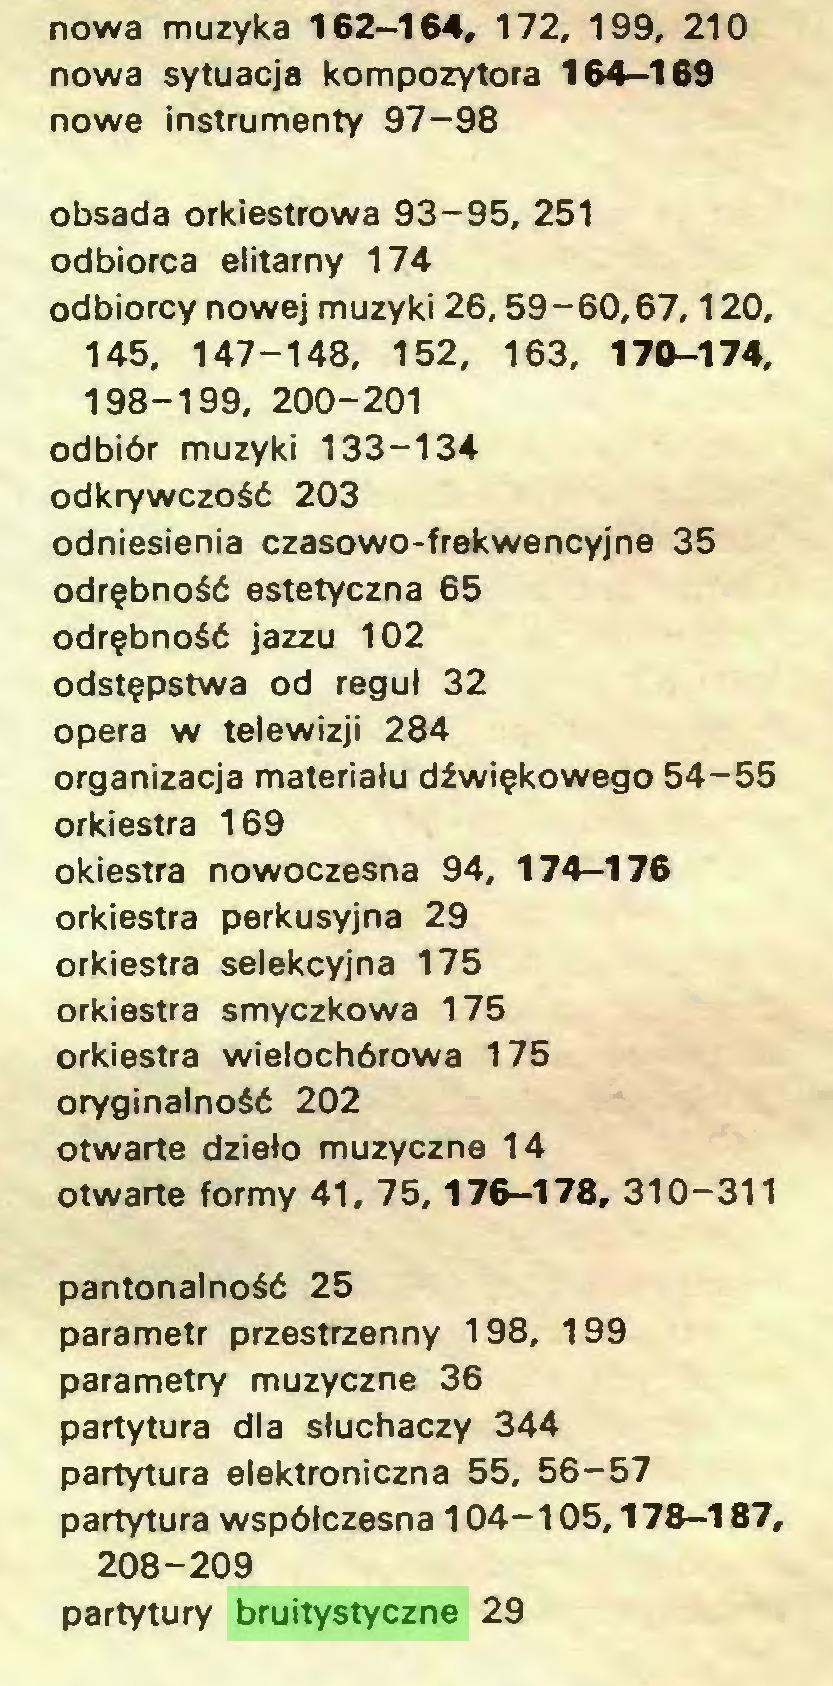 (...) nowa muzyka 162-164, 172, 199. 210 nowa sytuacja kompozytora 164-169 nowe instrumenty 97-98 obsada orkiestrowa 93-95, 251 odbiorca elitarny 174 odbiorcy nowej muzyki 26,59-60,67,120, 145, 147-148, 152, 163, 170-174, 198-199, 200-201 odbiór muzyki 133-134 odkrywczość 203 odniesienia czasowo-frekwencyjne 35 odrębność estetyczna 65 odrębność jazzu 102 odstępstwa od reguł 32 opera w telewizji 284 organizacja materiału dźwiękowego 54-55 orkiestra 169 okiestra nowoczesna 94, 174-176 orkiestra perkusyjna 29 orkiestra selekcyjna 175 orkiestra smyczkowa 175 orkiestra wielochórowa 175 oryginalność 202 otwarte dzieło muzyczne 14 otwarte formy 41, 75,176-178, 310-311 pantonalność 25 parametr przestrzenny 198, 199 parametry muzyczne 36 partytura dla słuchaczy 344 partytura elektroniczna 55, 56-57 partytura współczesna 104-105,178-187, 208-209 partytury bruitystyczne 29...